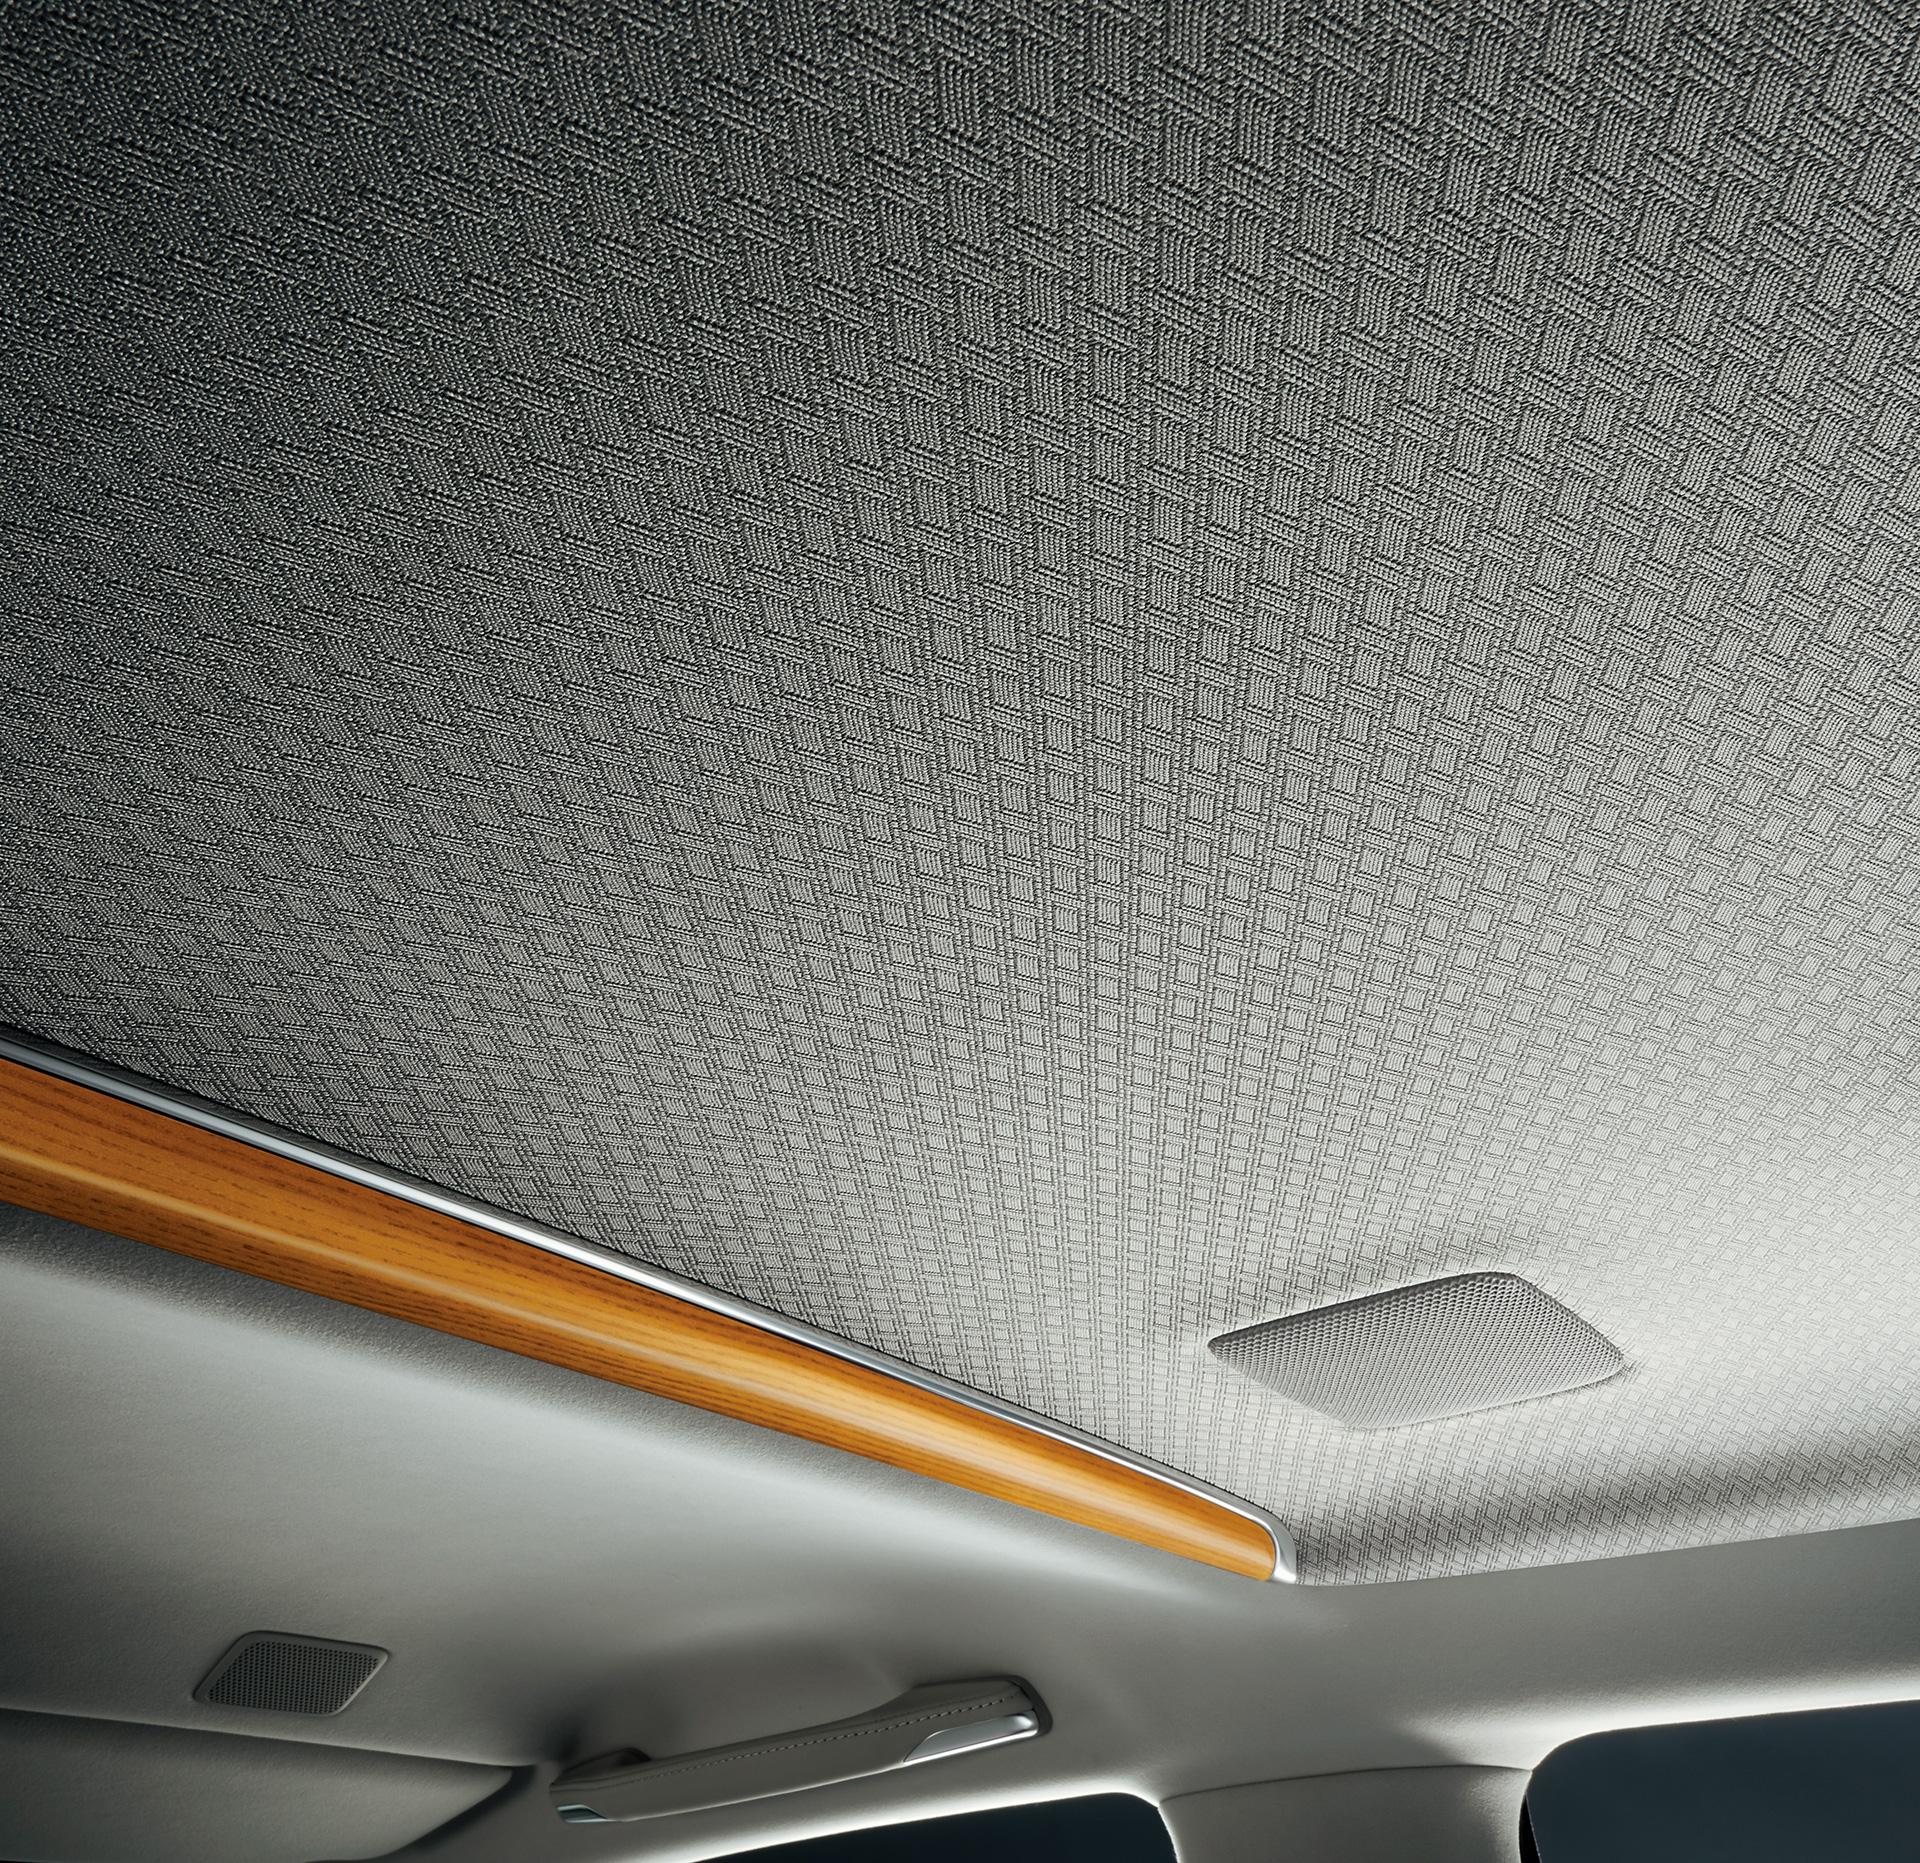 「【新車】新型トヨタ・センチュリーの快適性と「折り上げ天井様式」を採用した天井に注目」の6枚目の画像